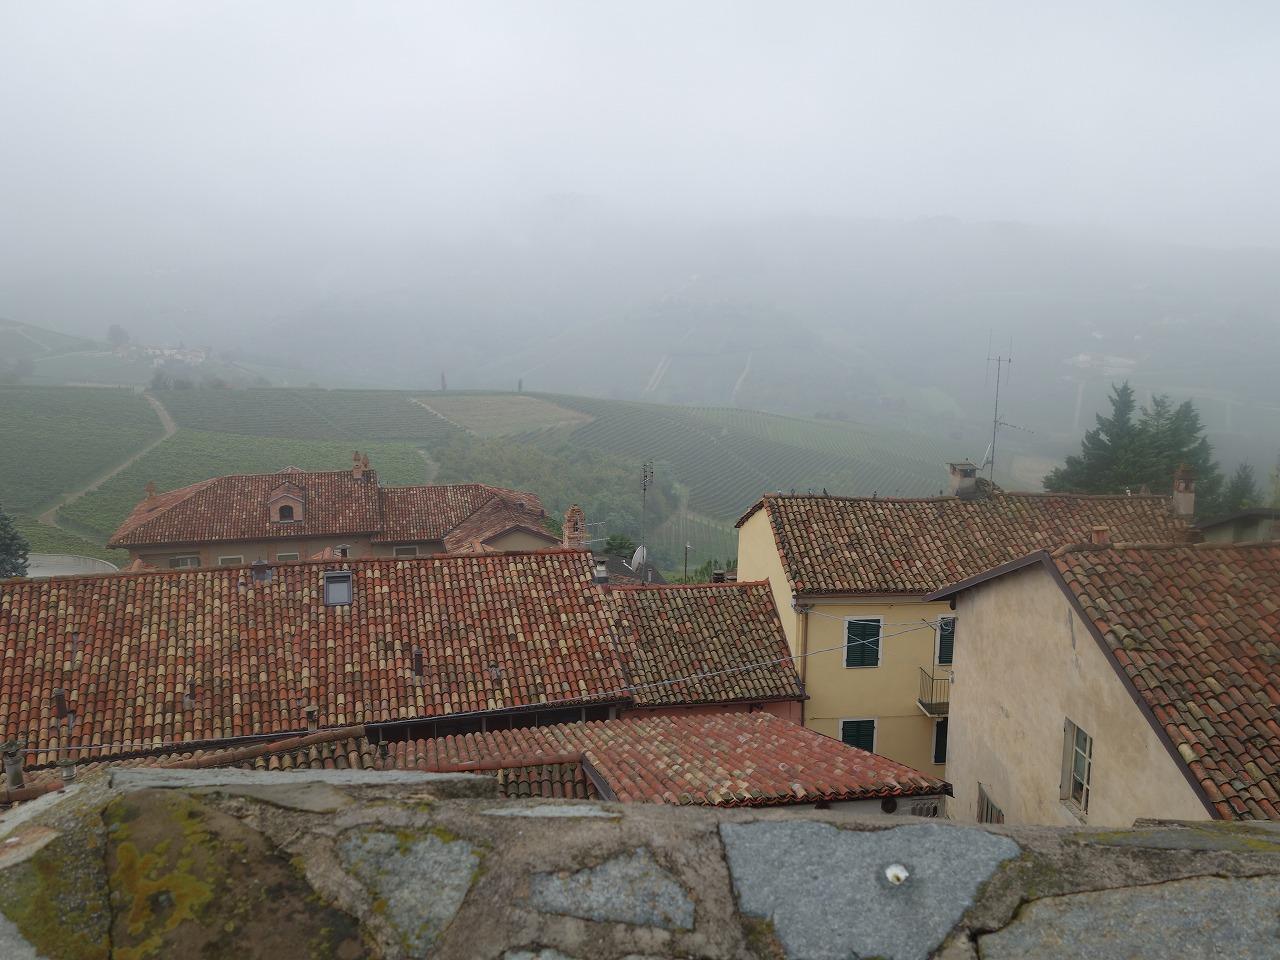 イタリア旅行第2日目②バローロBarolo・アルバAlba・バルバレスコBarbaresco